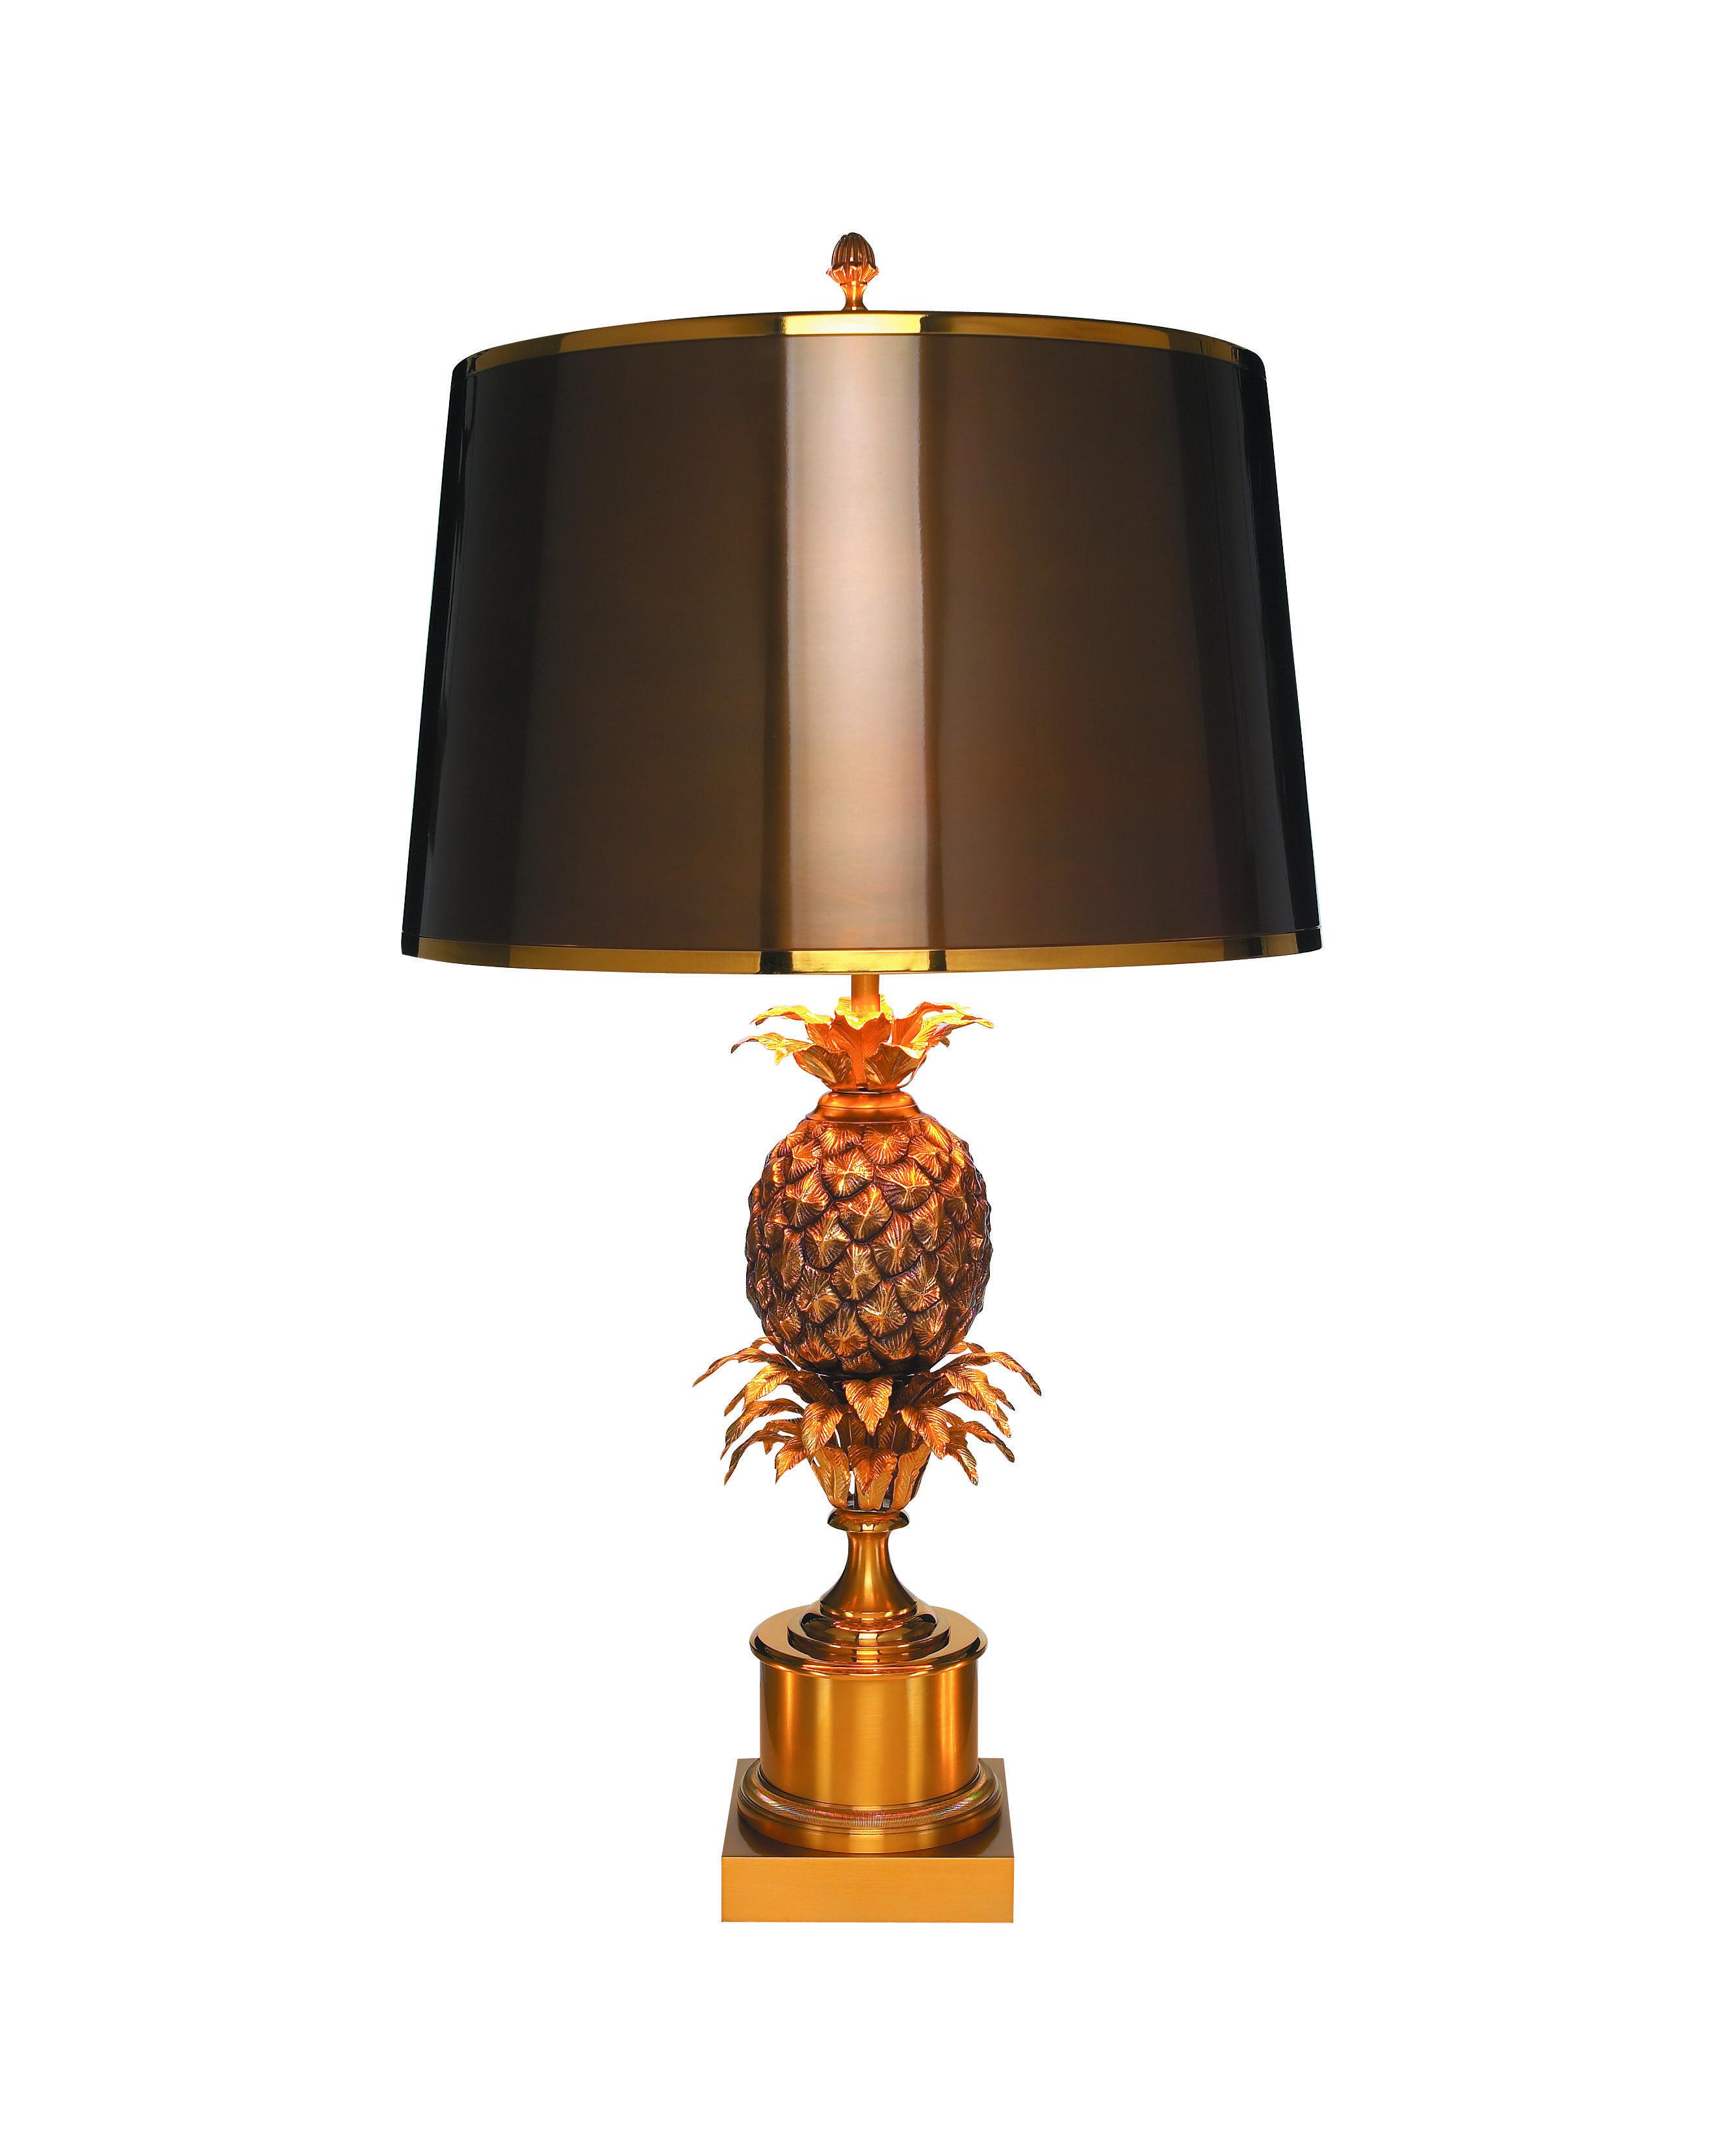 Lampe Ananas De La Maison Charles 1959 Tout En Bronze Avec Un